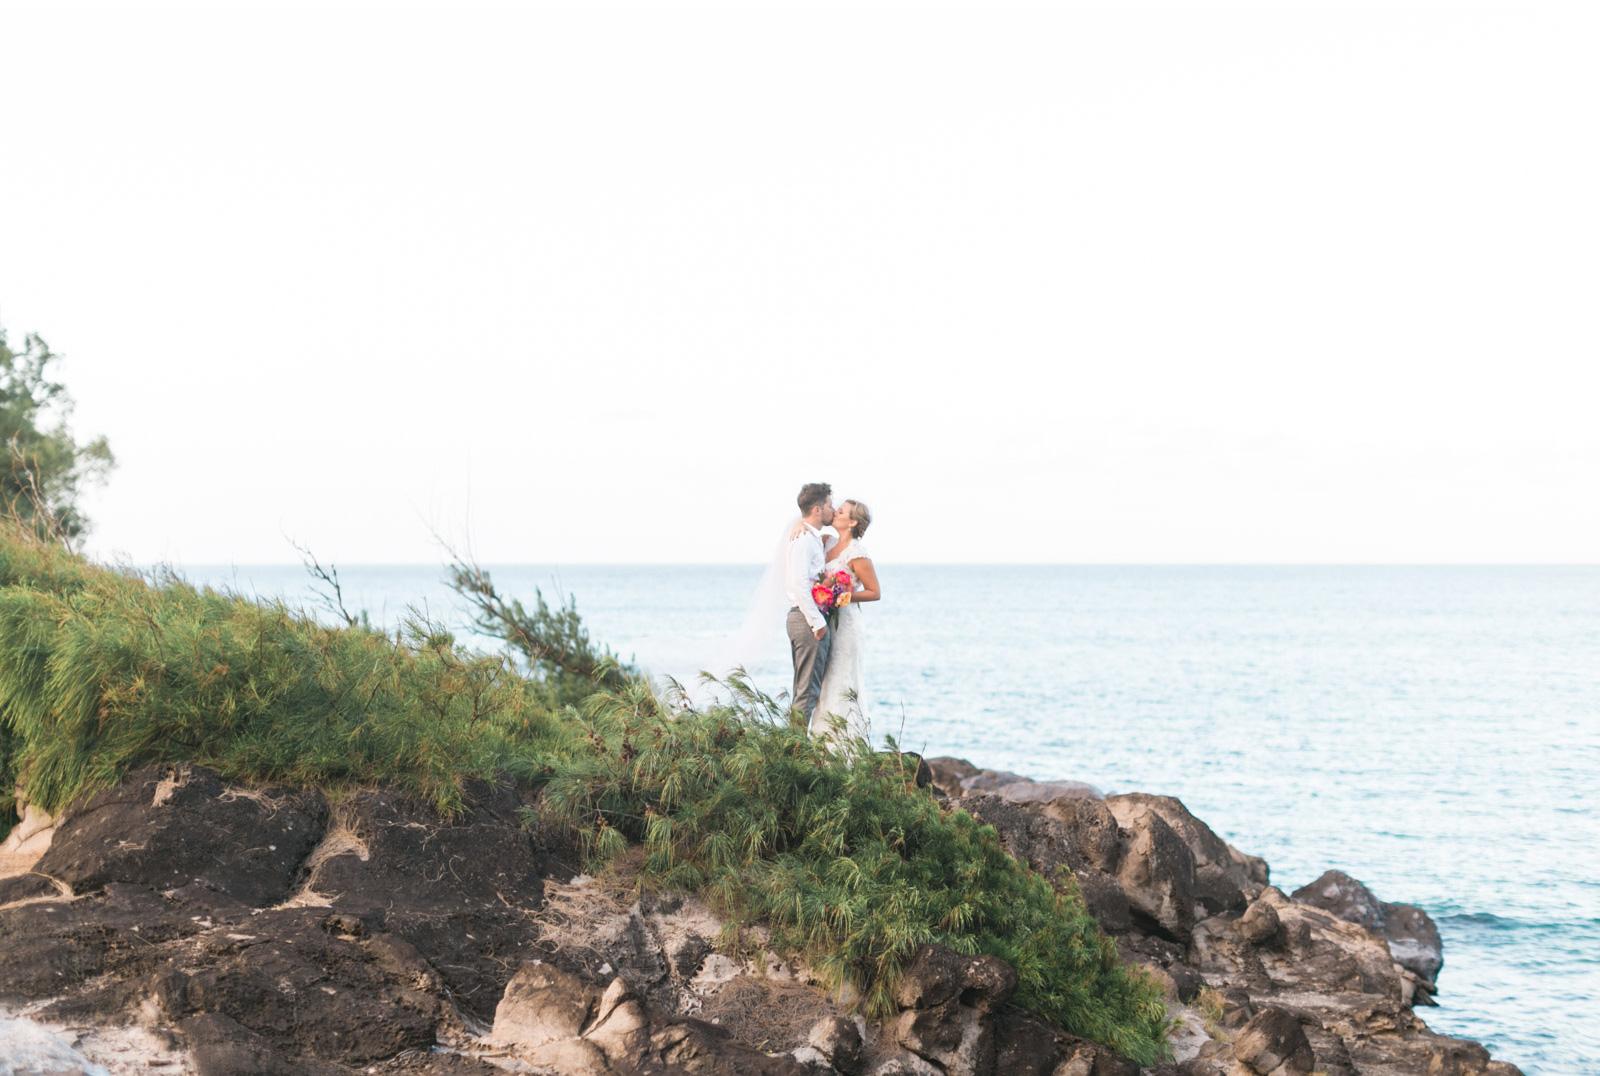 Natalie-Schutt-Photography--Destination-Wedding-Photographer_06.jpg